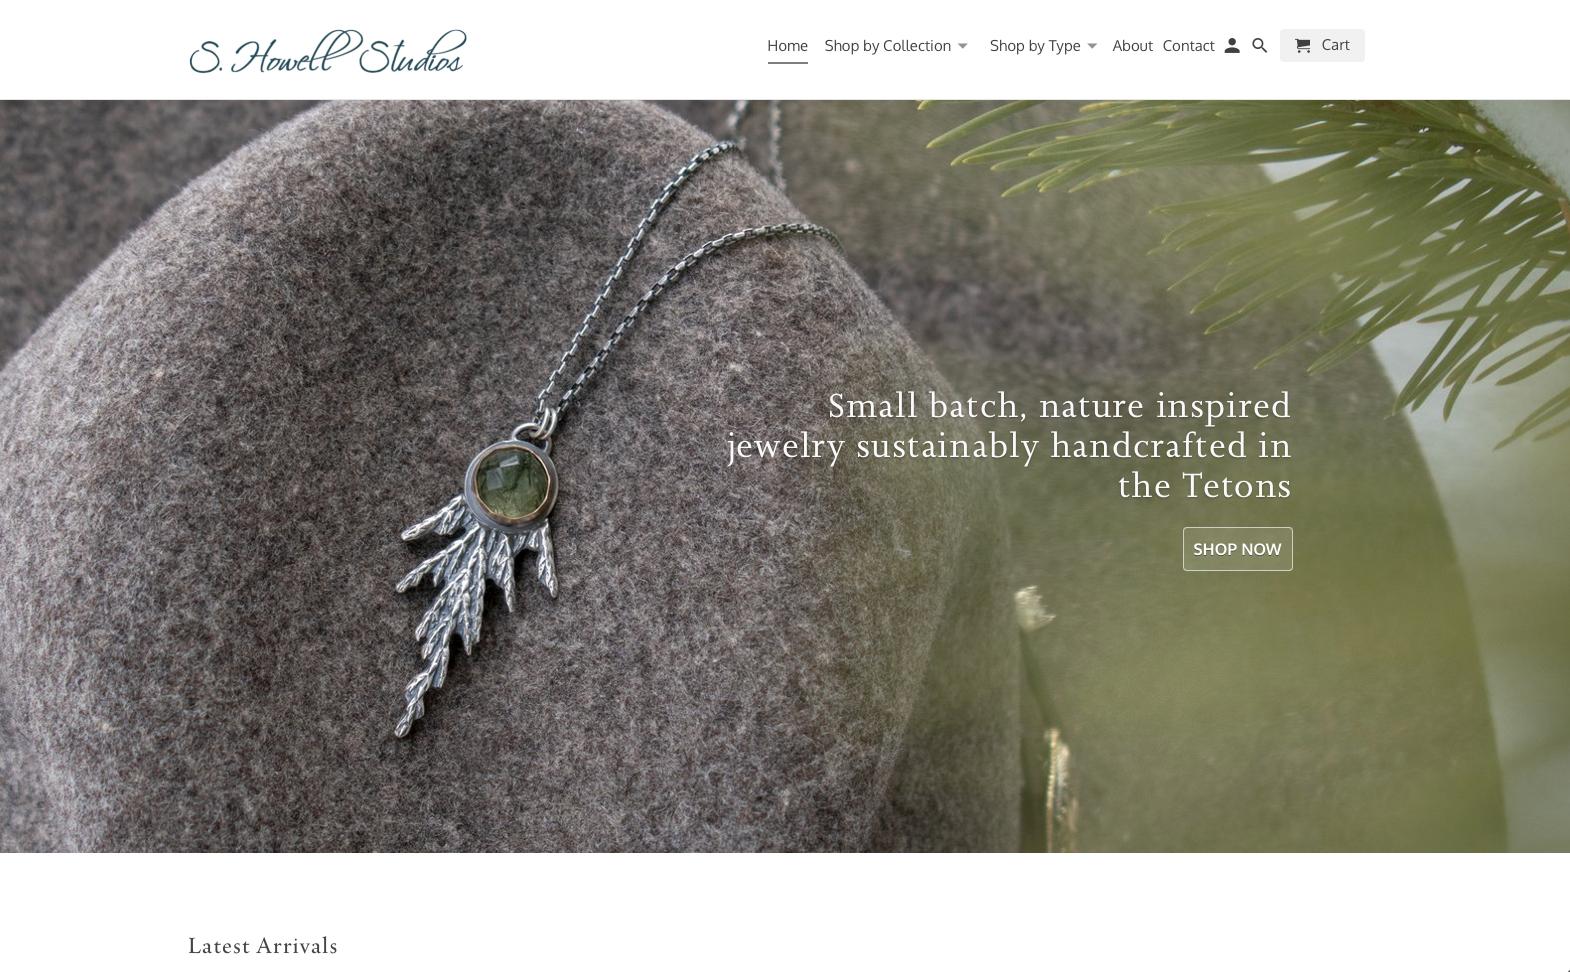 S. Howell Studios website design